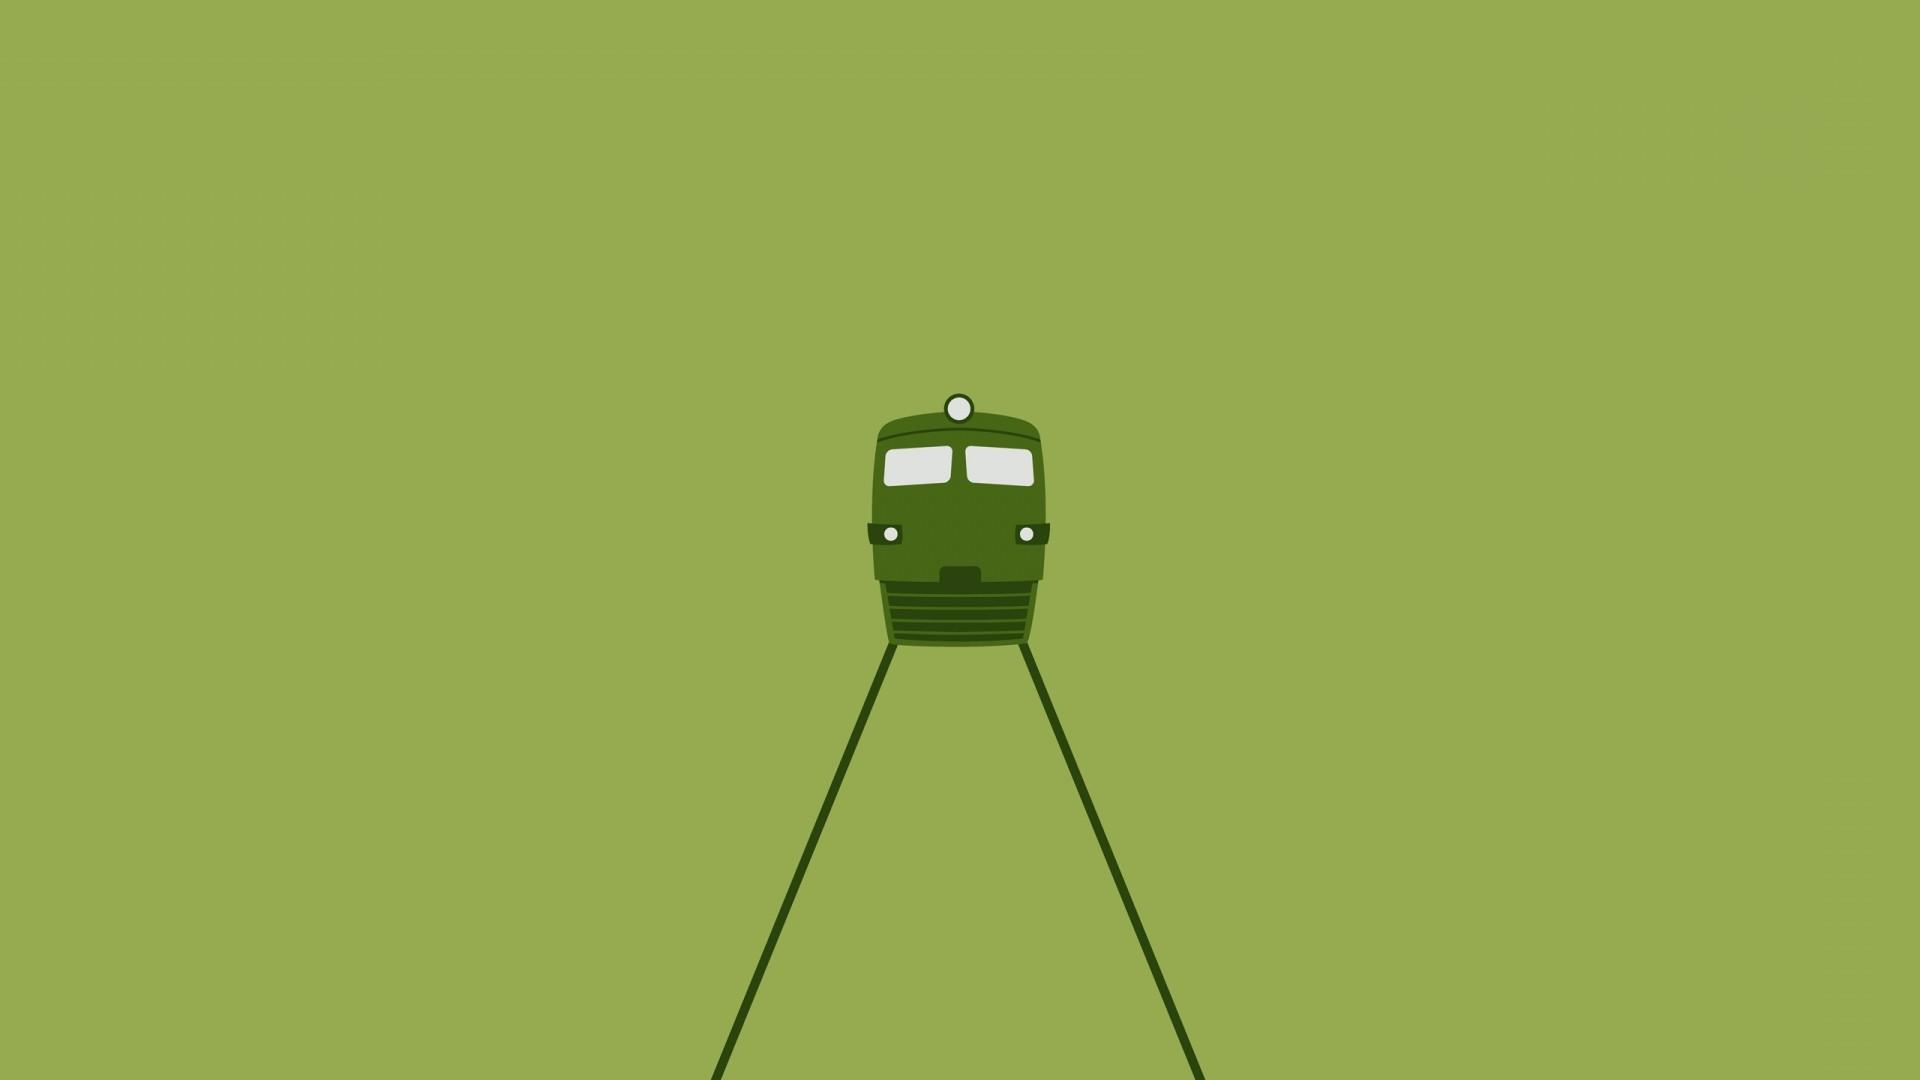 デスクトップ壁紙 19x1080 Px Cgi ディーゼル機関車 デジタルアート 緑色の背景 ライト 行 ミニマリズム 鉄道 単純な背景 列車 19x1080 Wallpaperup デスクトップ壁紙 Wallhere